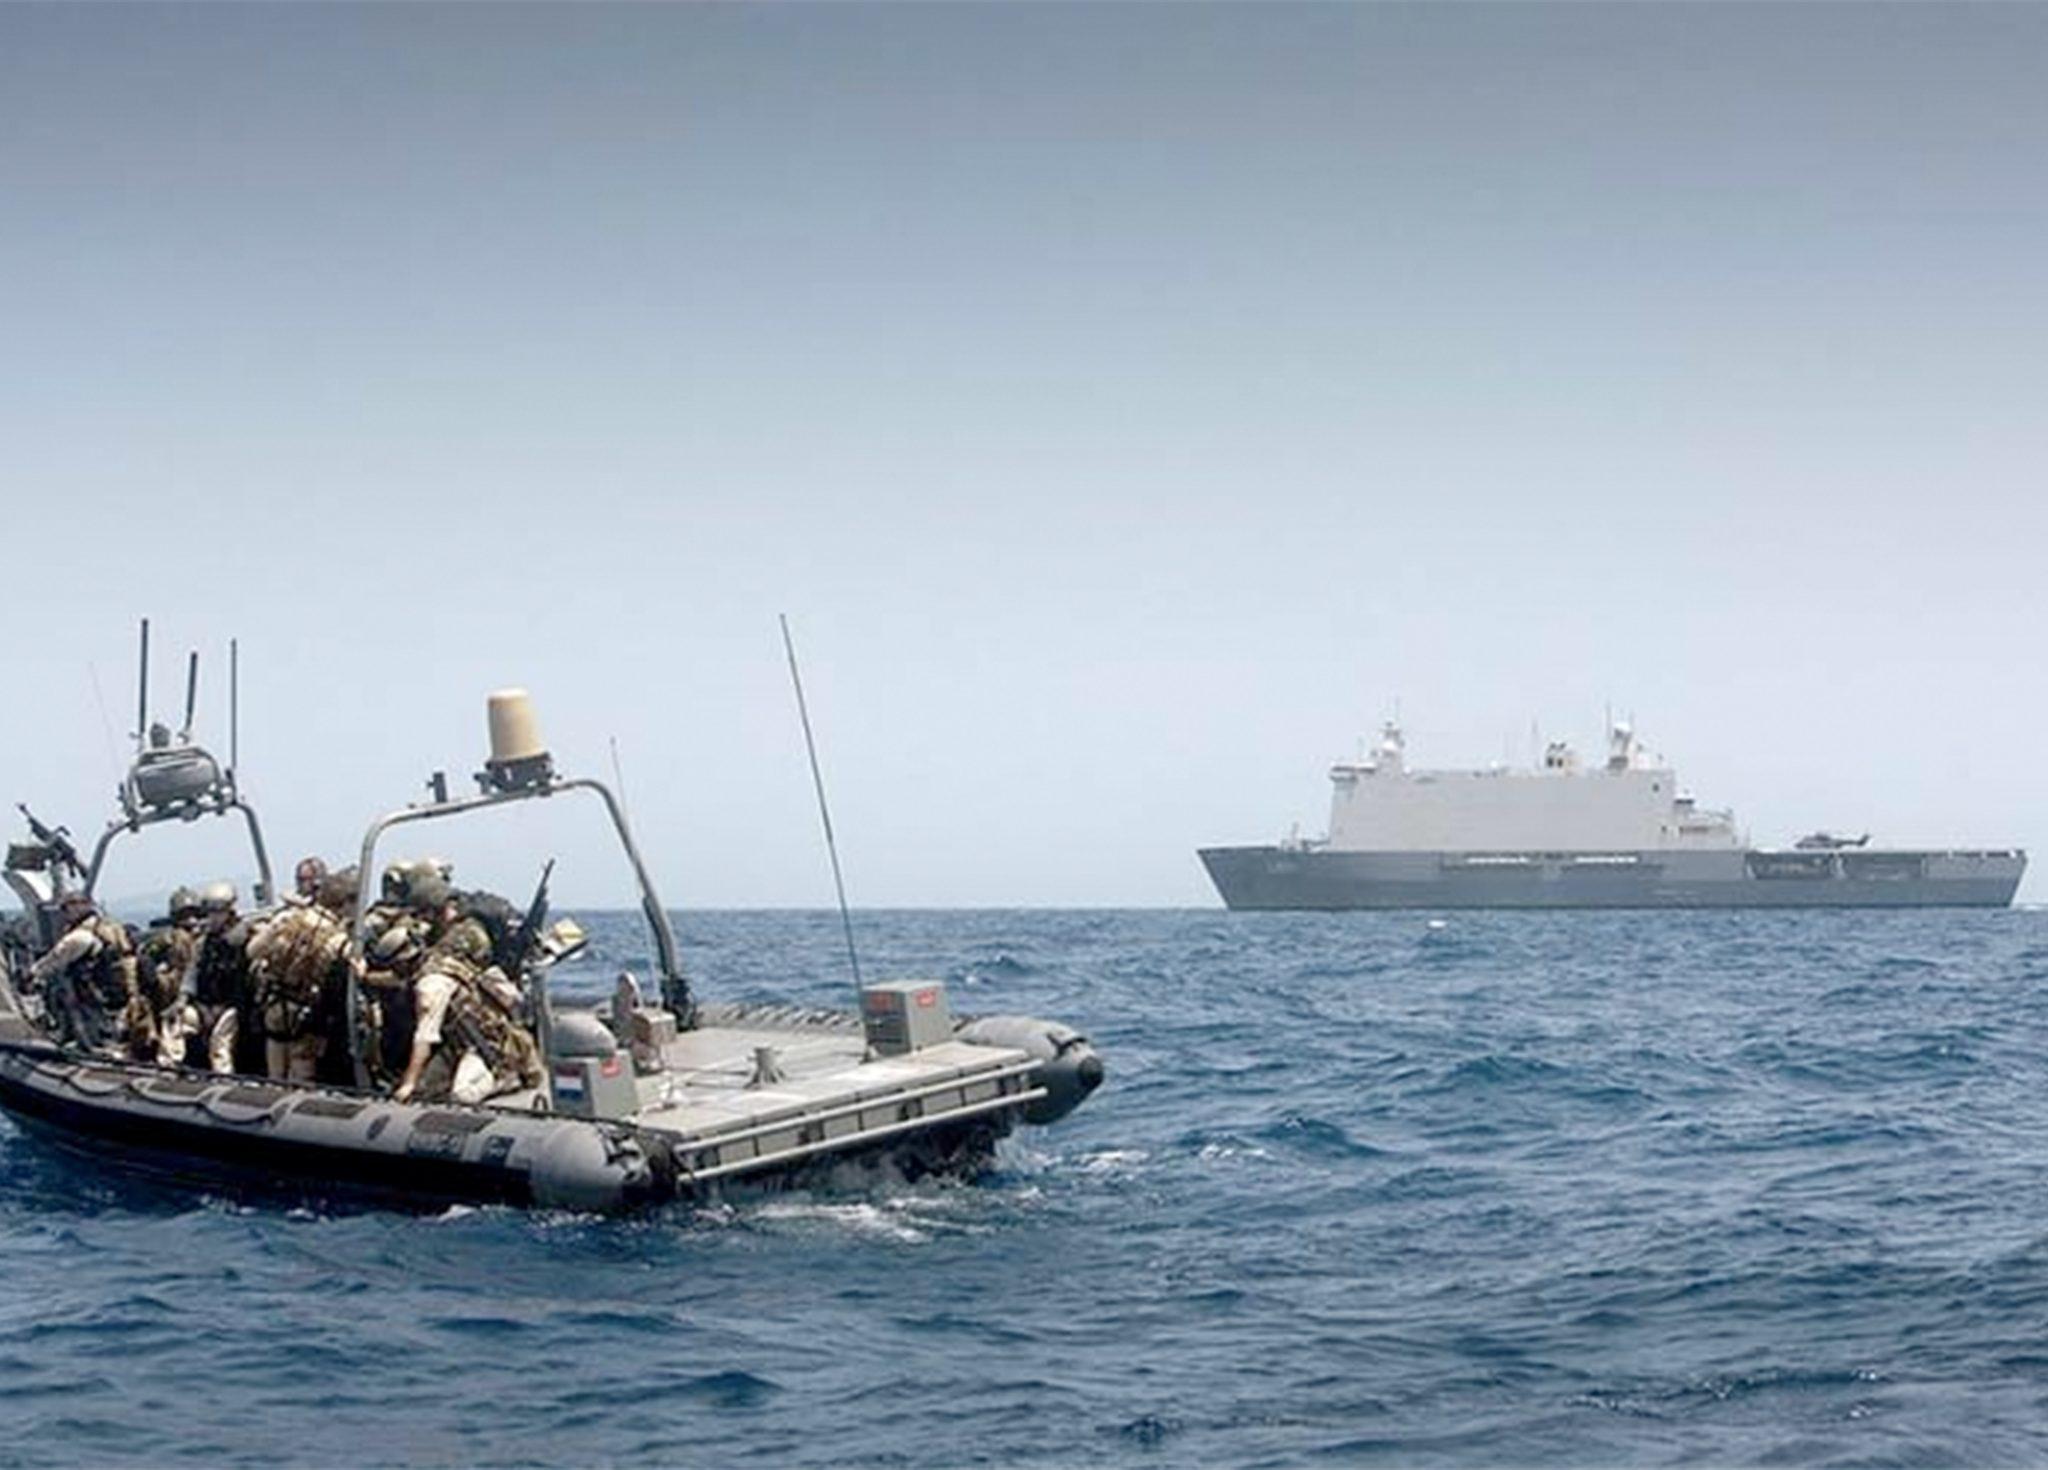 Het Zr. Ms. Johan de Witt op een anti piraterij missie in de Golf van Aden (Foto Ministerie van Defensie)